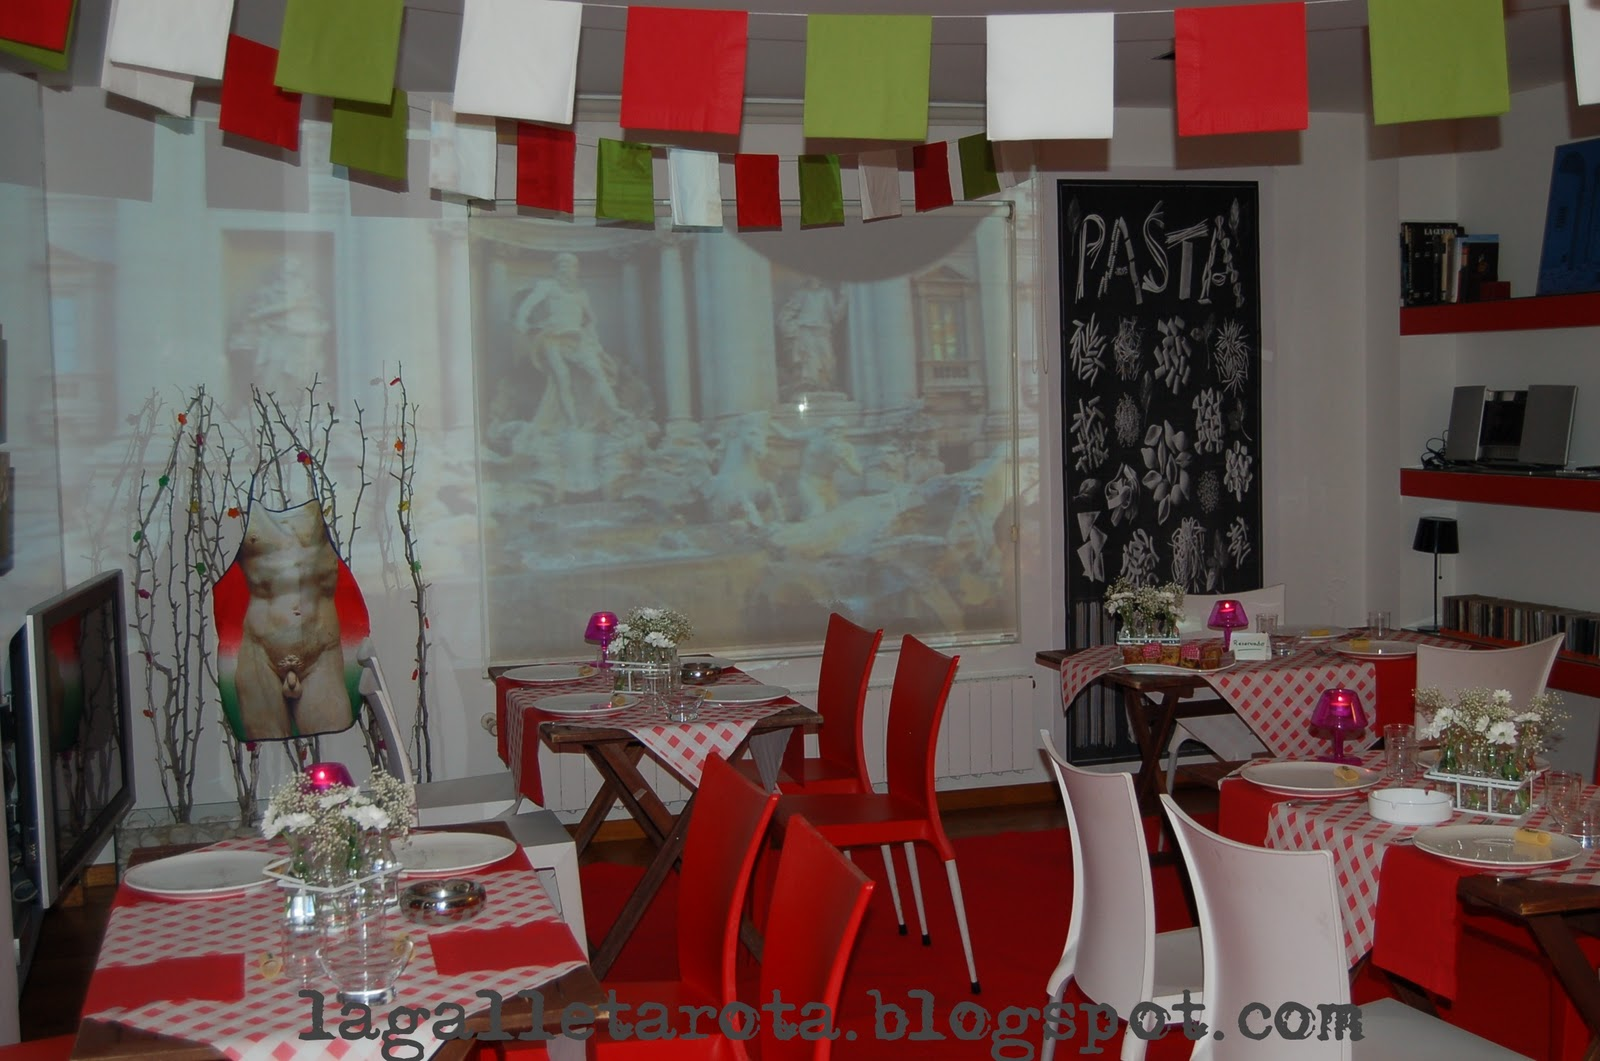 Decoracion Italiana Para Fiestas ~ Cena italiana para celebrar el cumplea?os de Eva